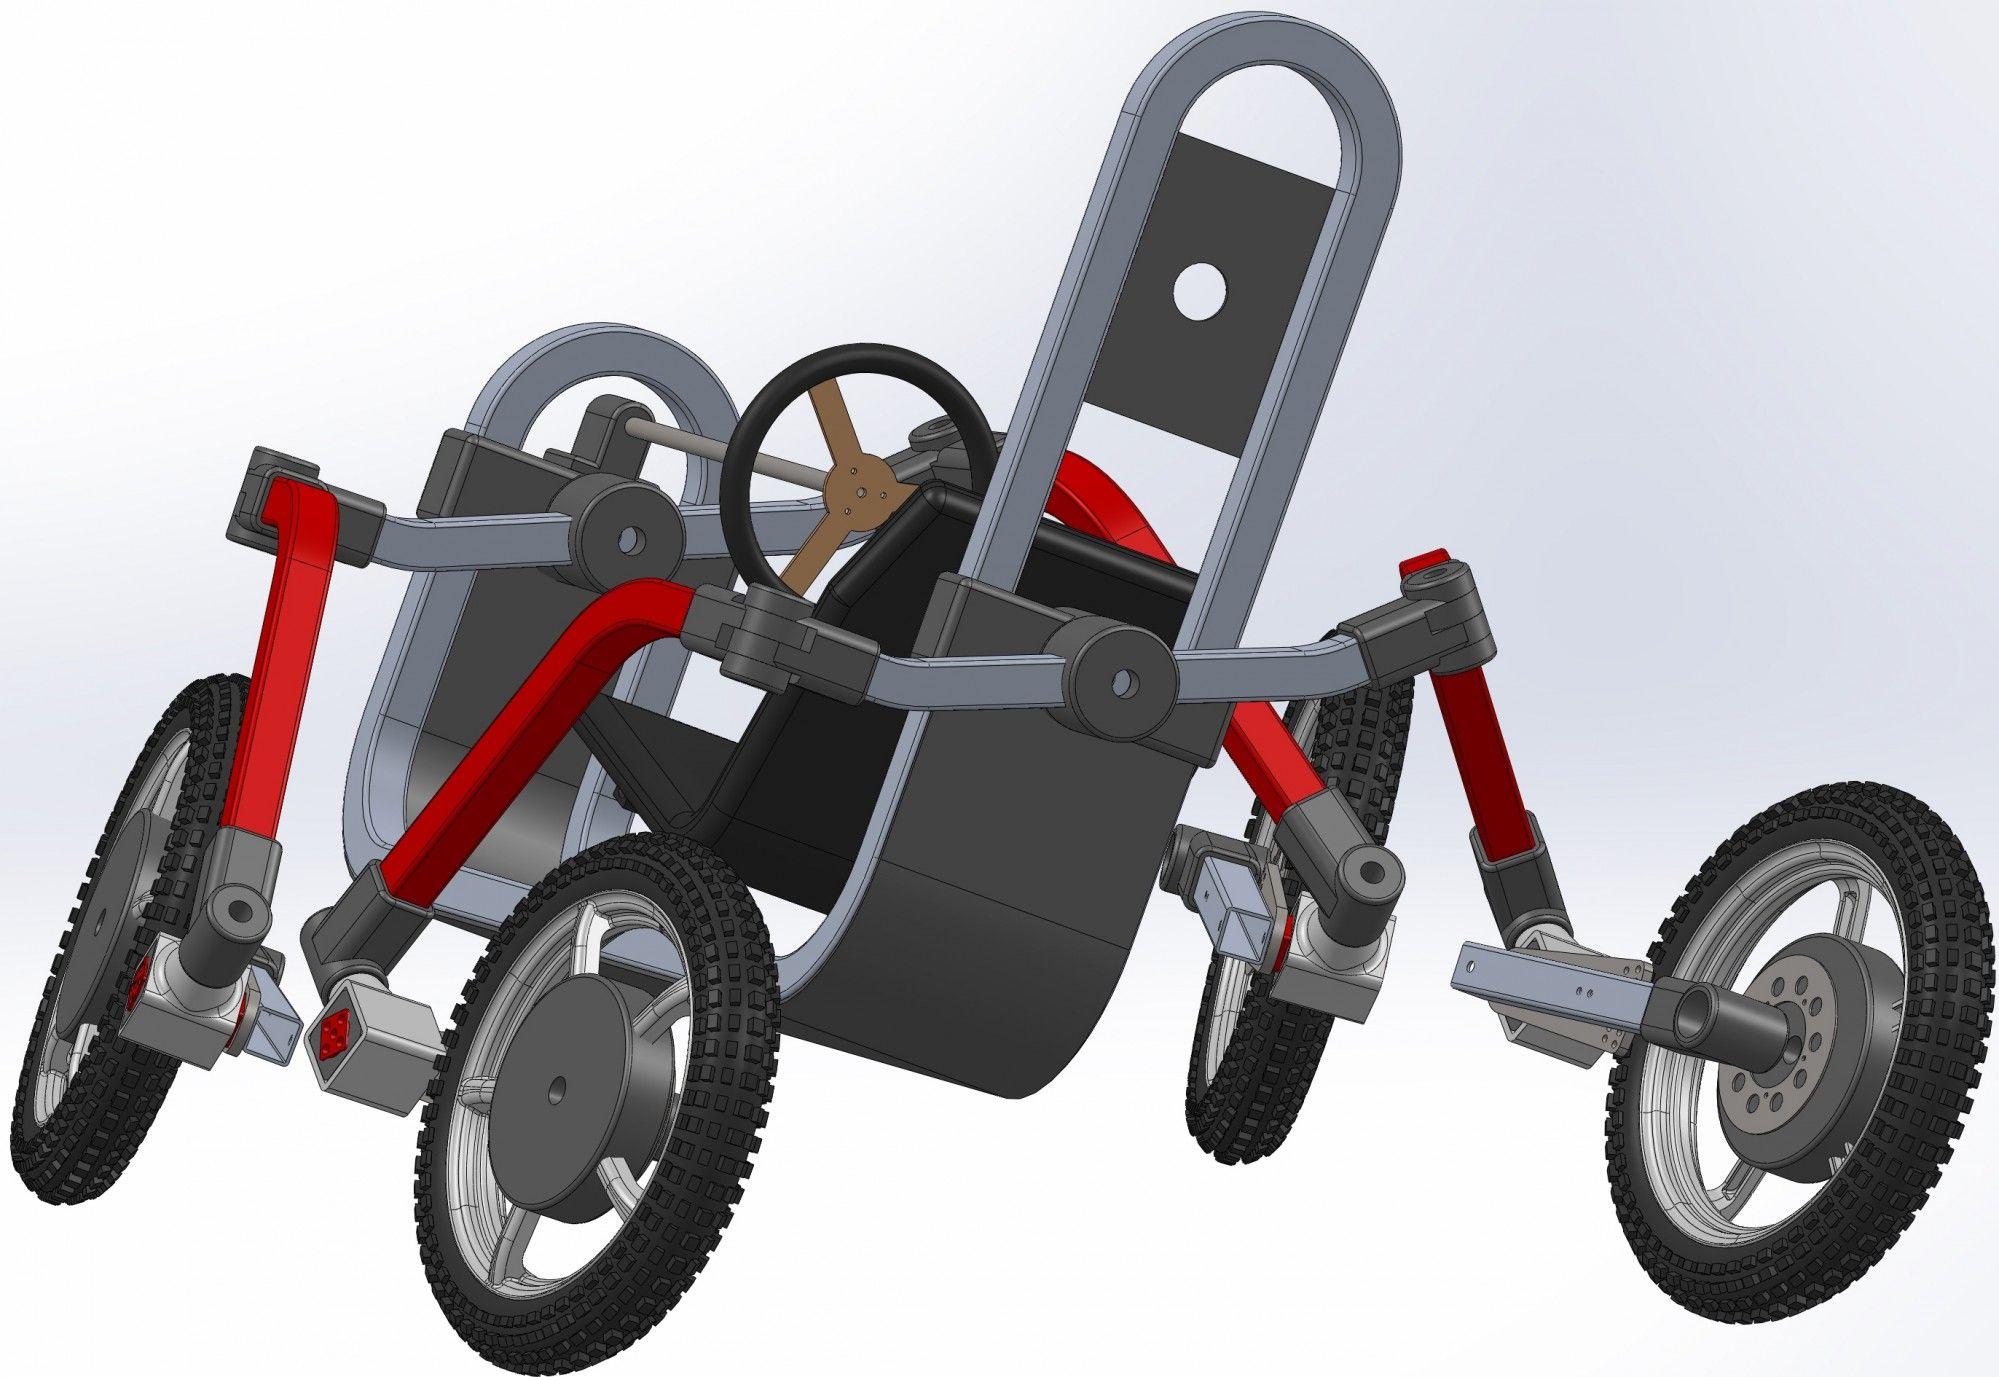 le concept swincar la technologie pendulaire v hicule lectrique swincar v hicule. Black Bedroom Furniture Sets. Home Design Ideas